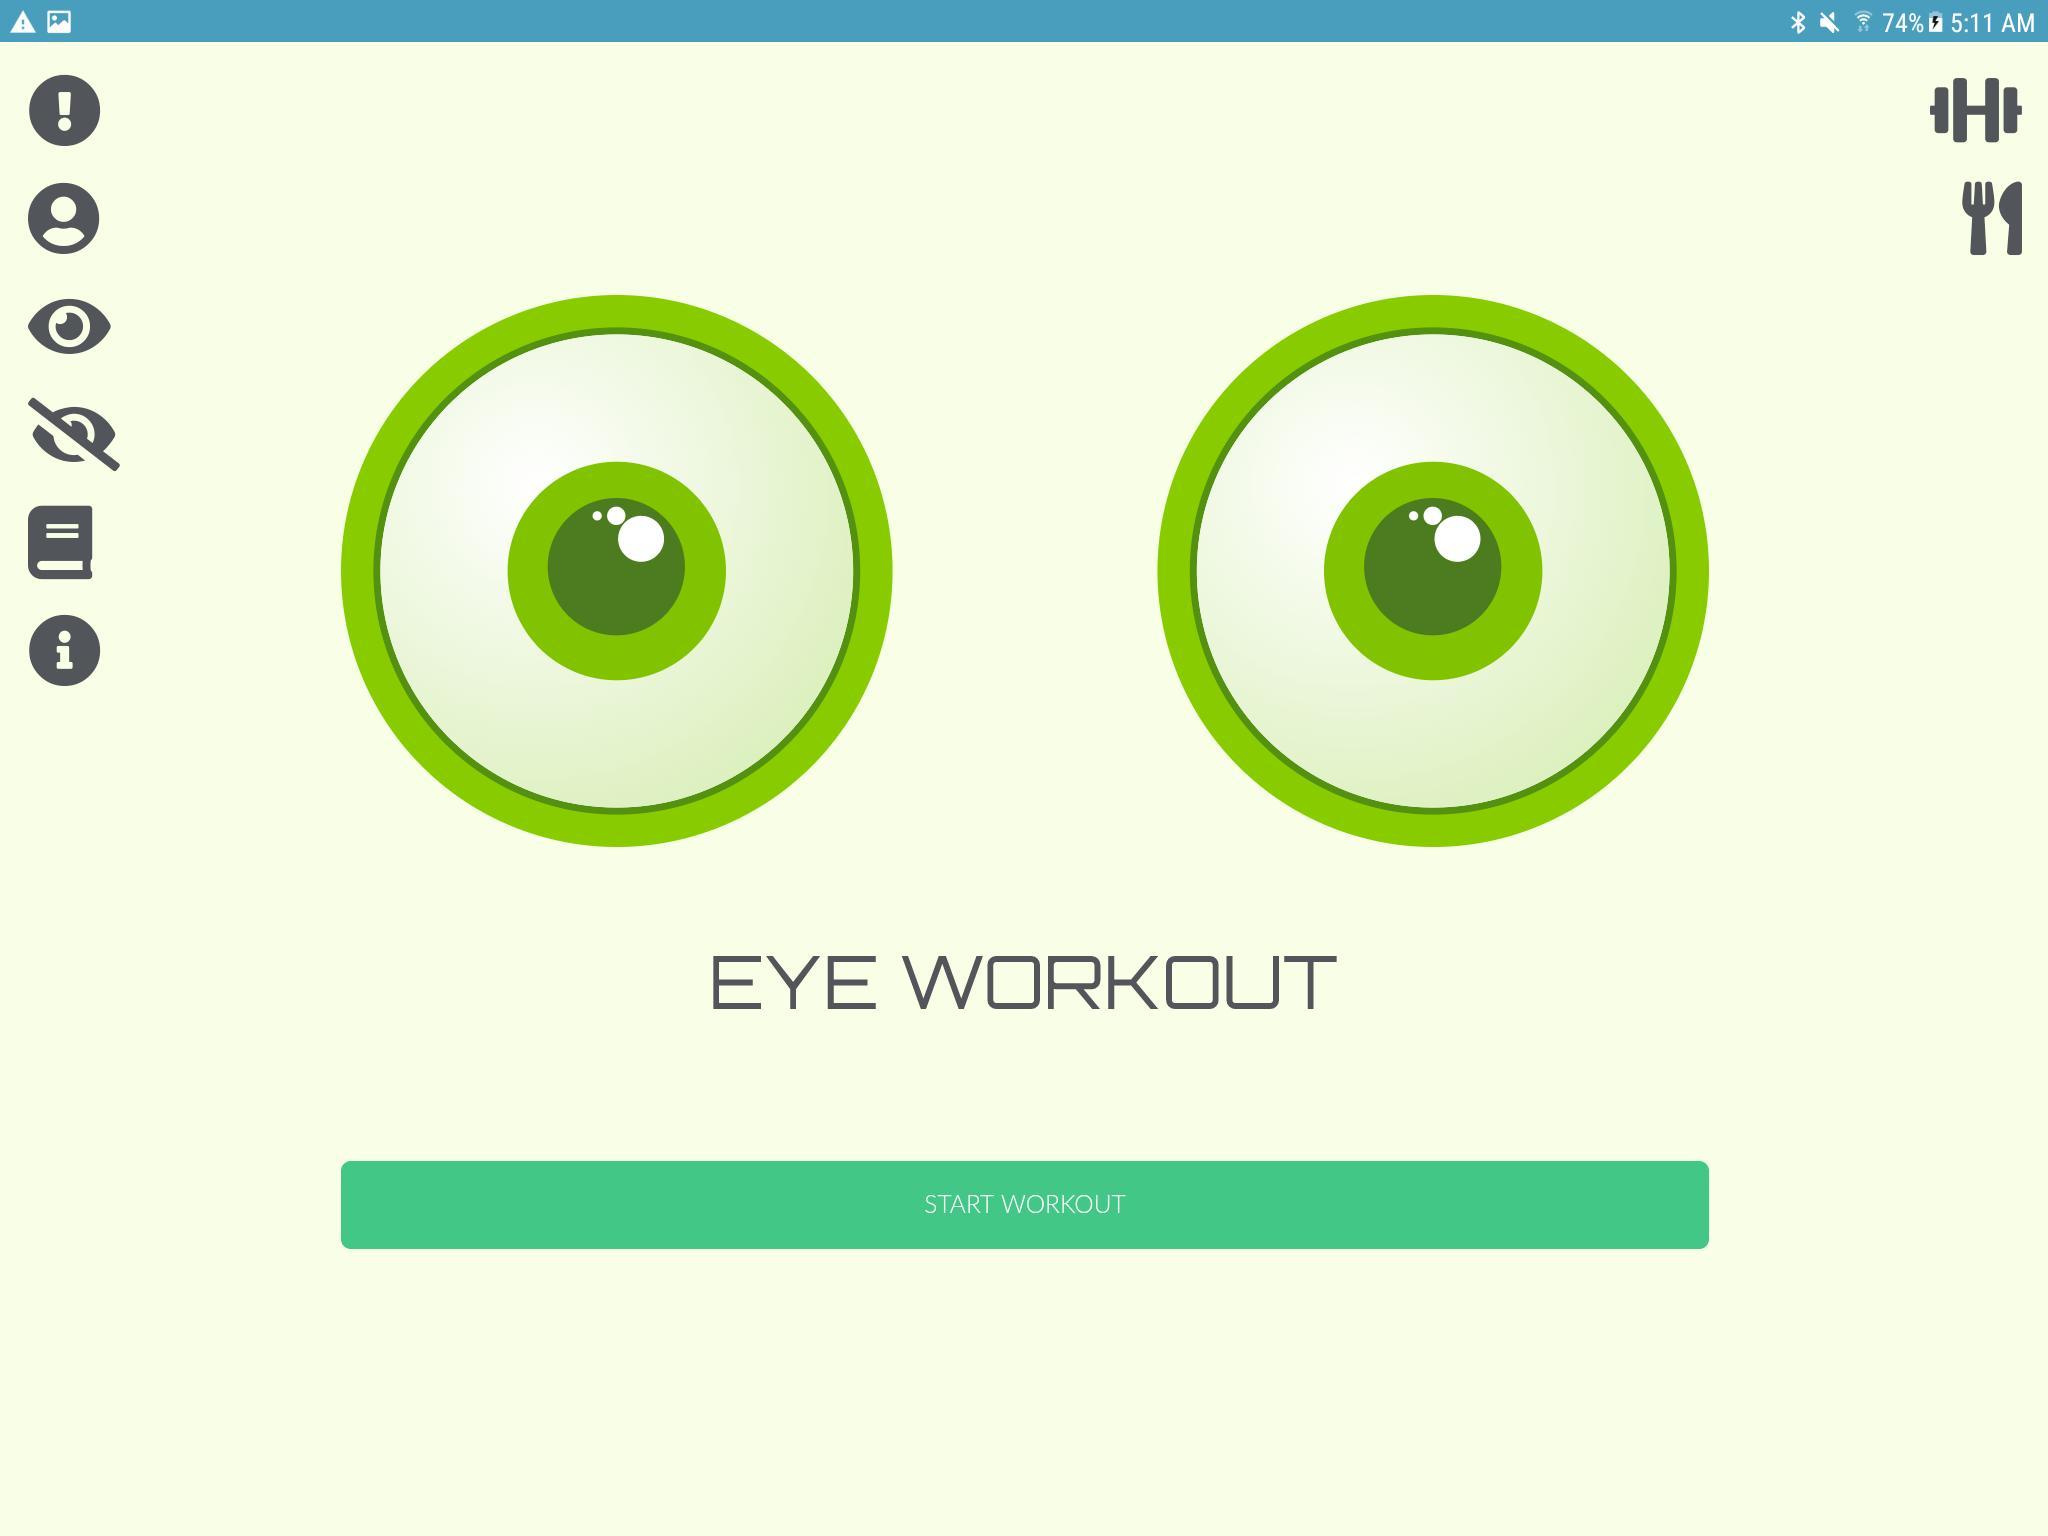 a látást javító alkalmazás gyakorlási videók a látás javítása érdekében